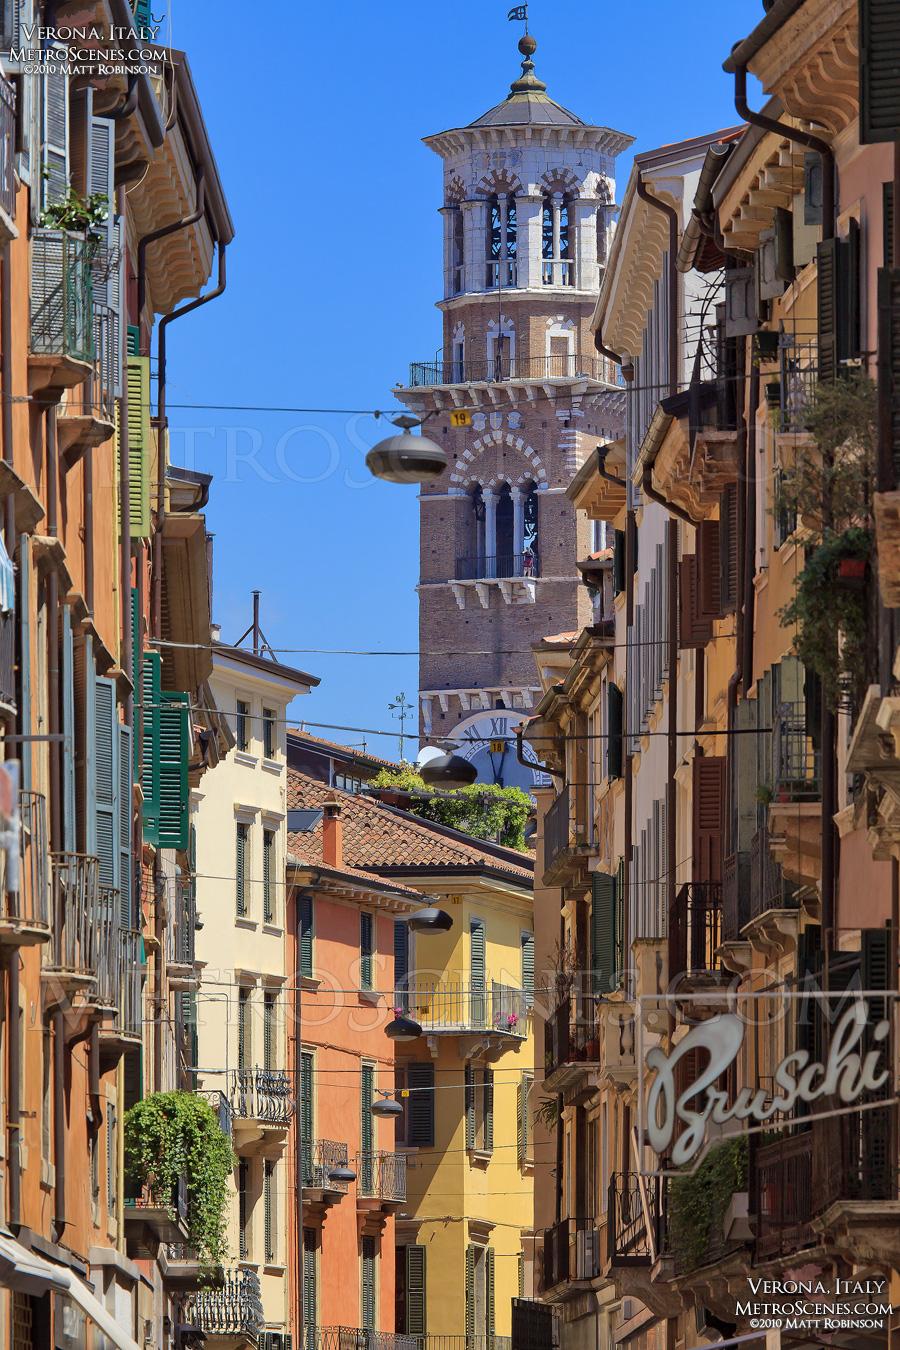 Colorful facades in Verona